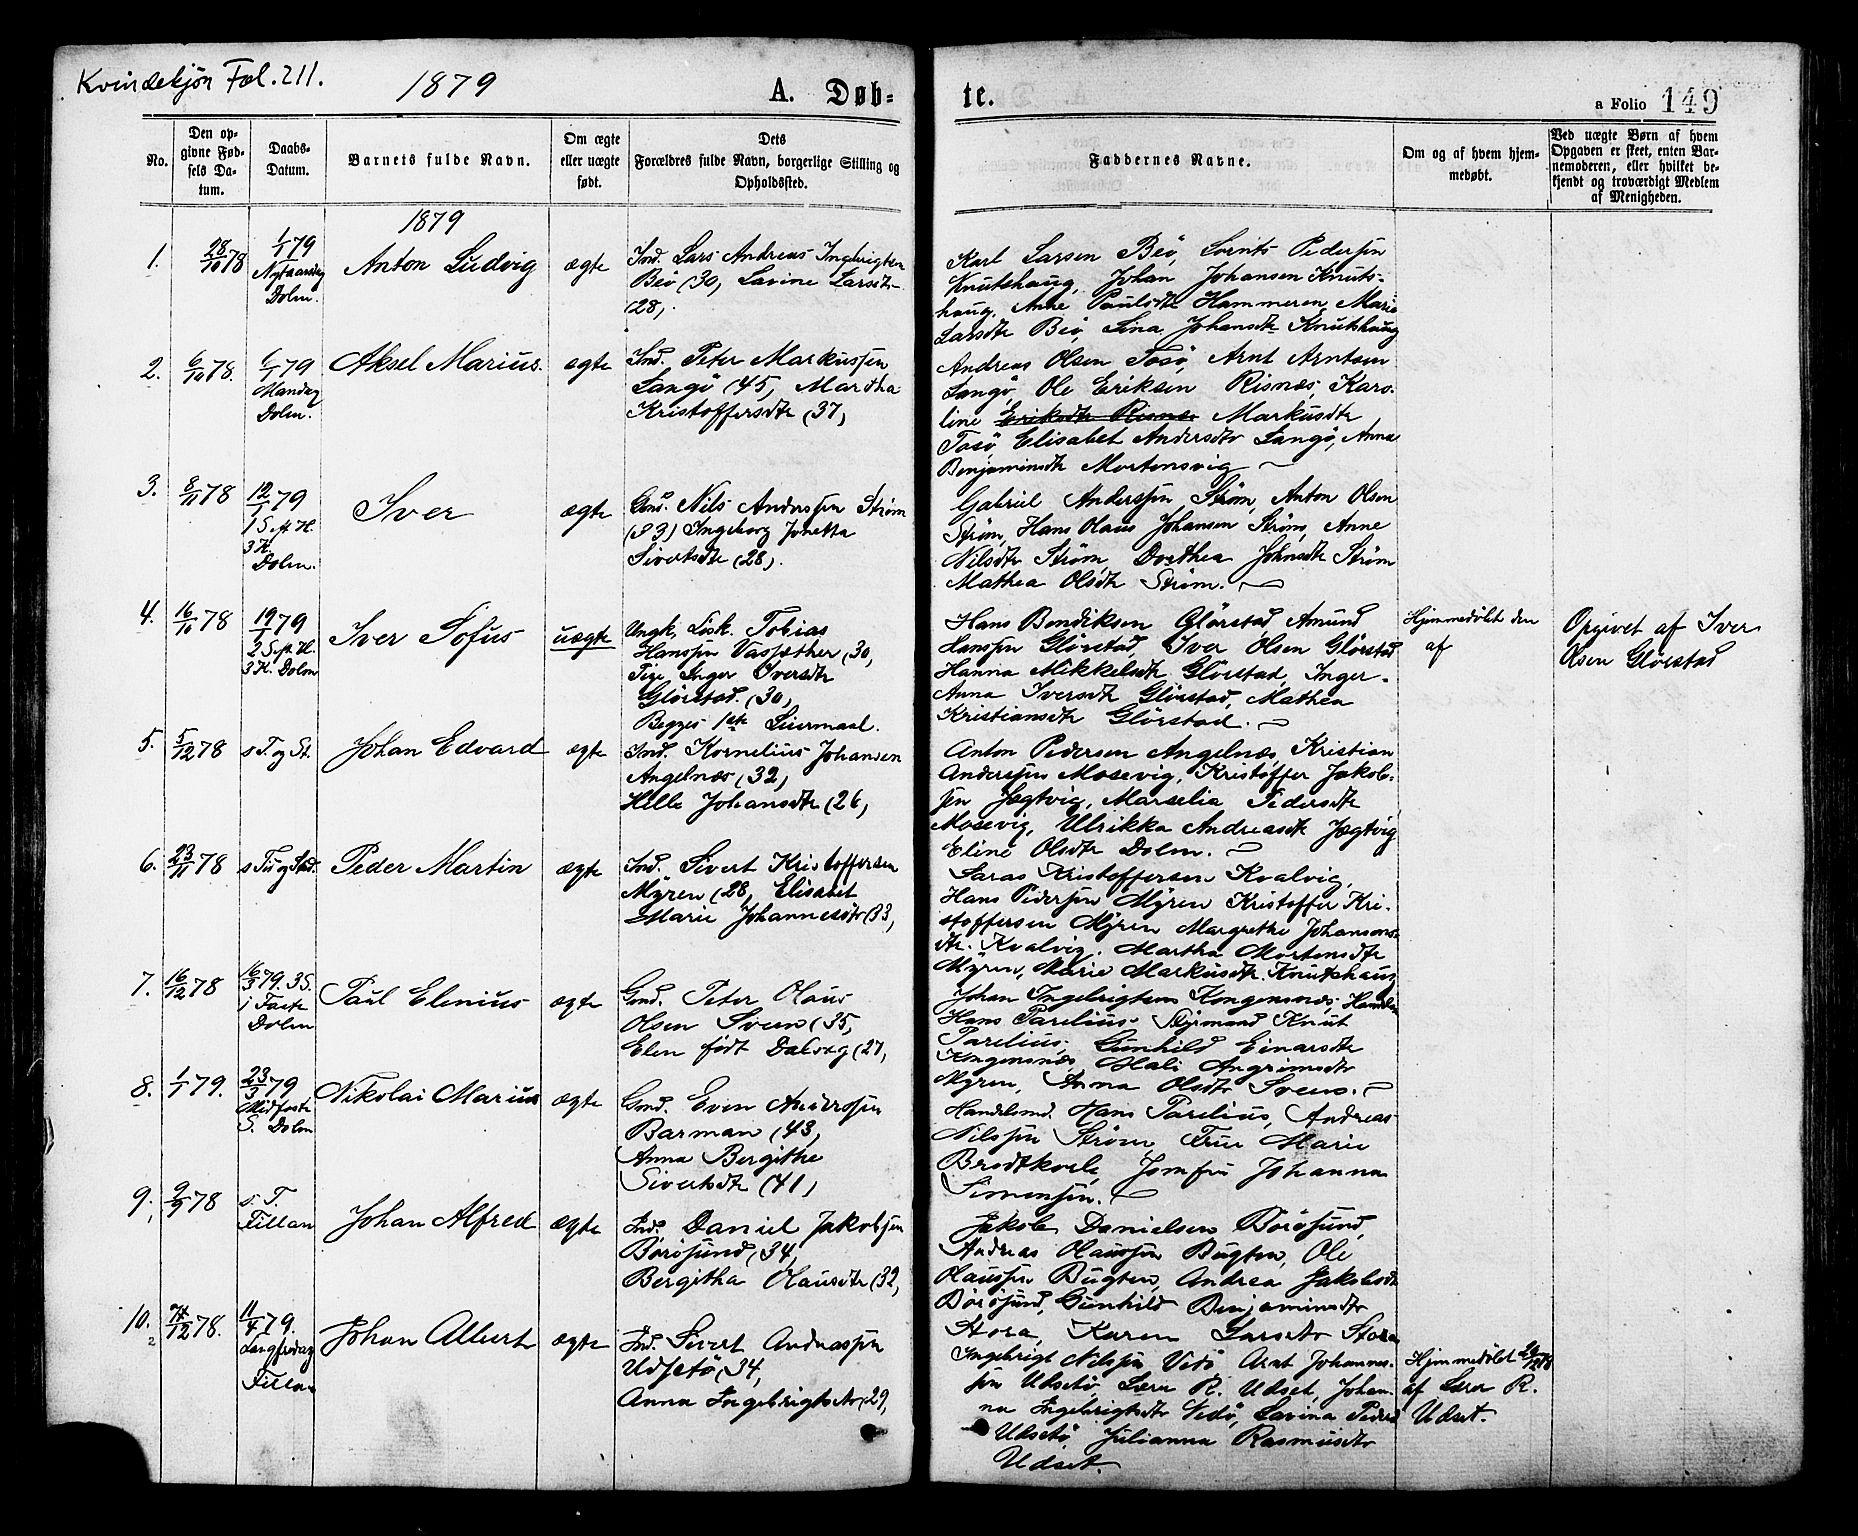 SAT, Ministerialprotokoller, klokkerbøker og fødselsregistre - Sør-Trøndelag, 634/L0532: Ministerialbok nr. 634A08, 1871-1881, s. 149